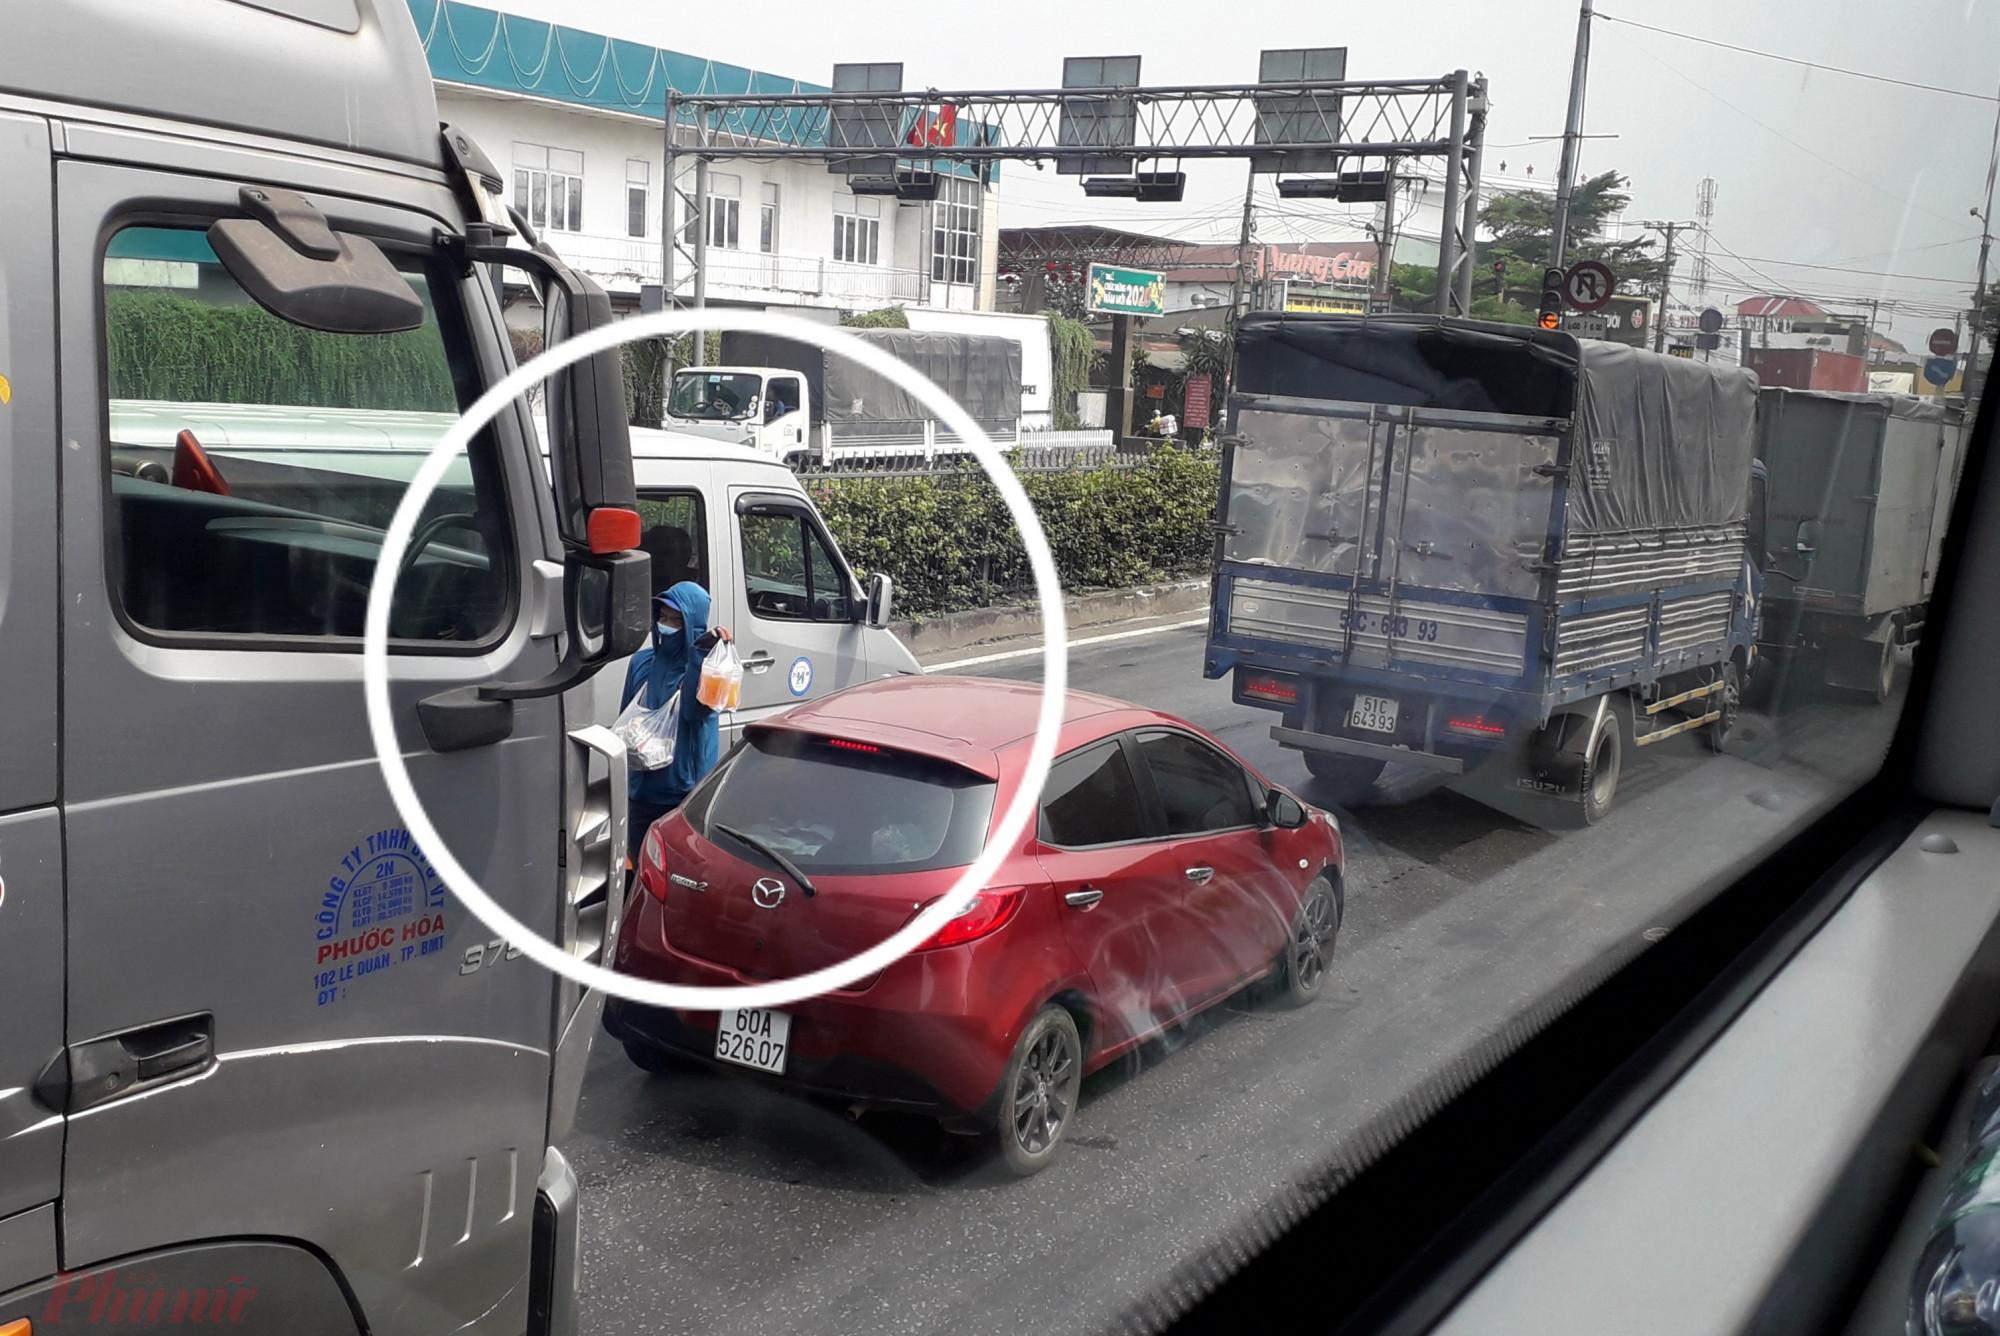 """Công việc bán nước giải khát dạo trên tuyến Quốc lộ 1A ở TPHCM được ví là nghề """"chặn đầu xe kiếm sống"""". Ảnh: Hoàng Nhiên."""